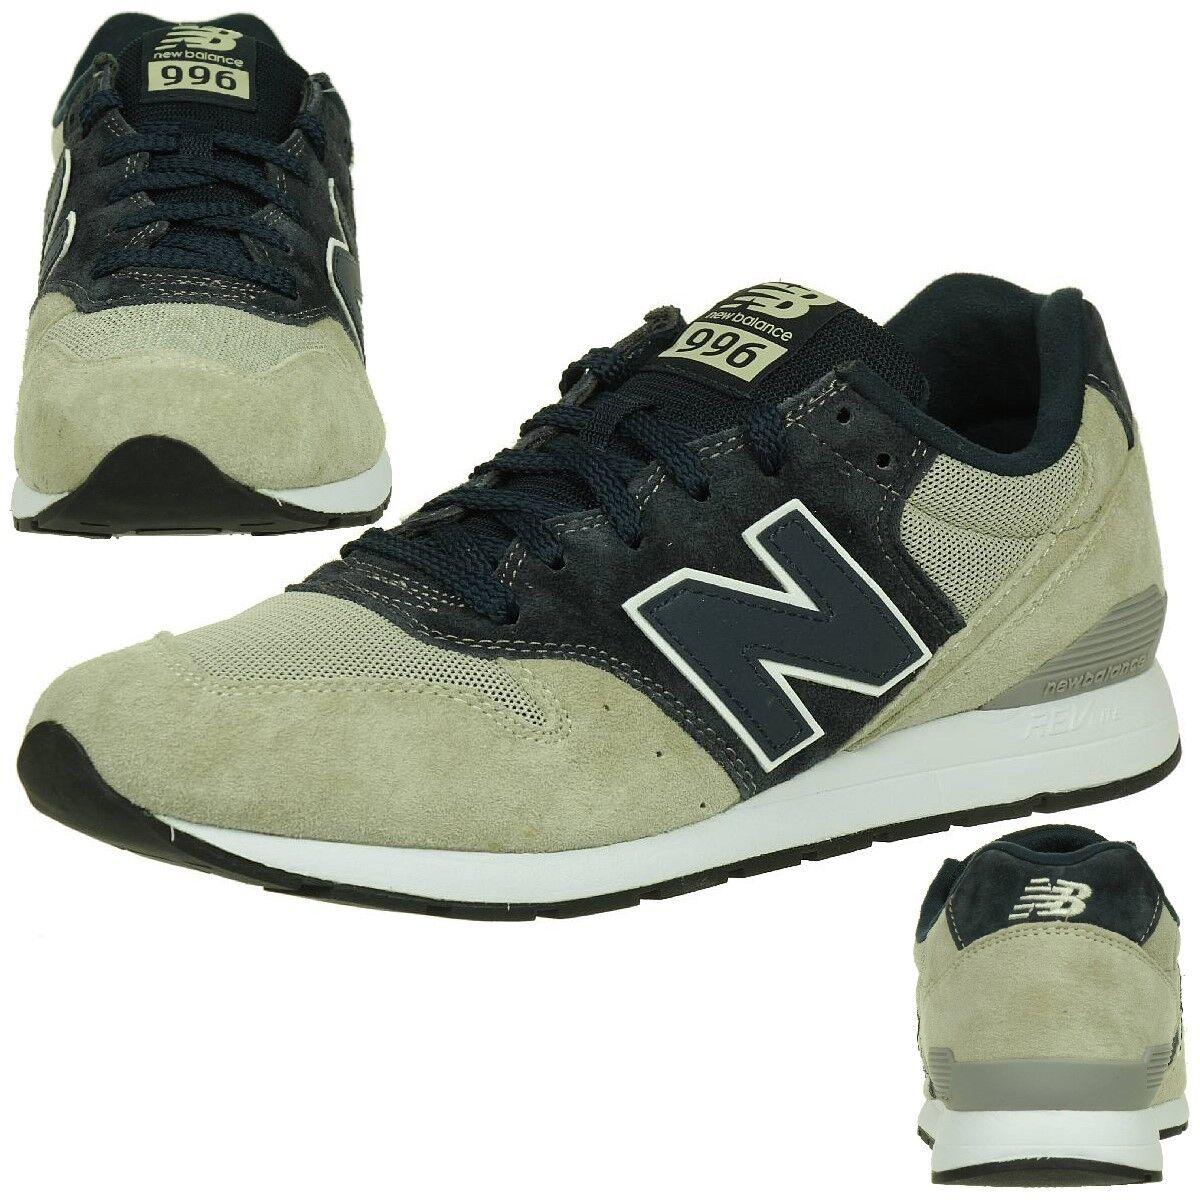 New Balance MRL996KA Classic Sneaker Herren Schuhe grau 996